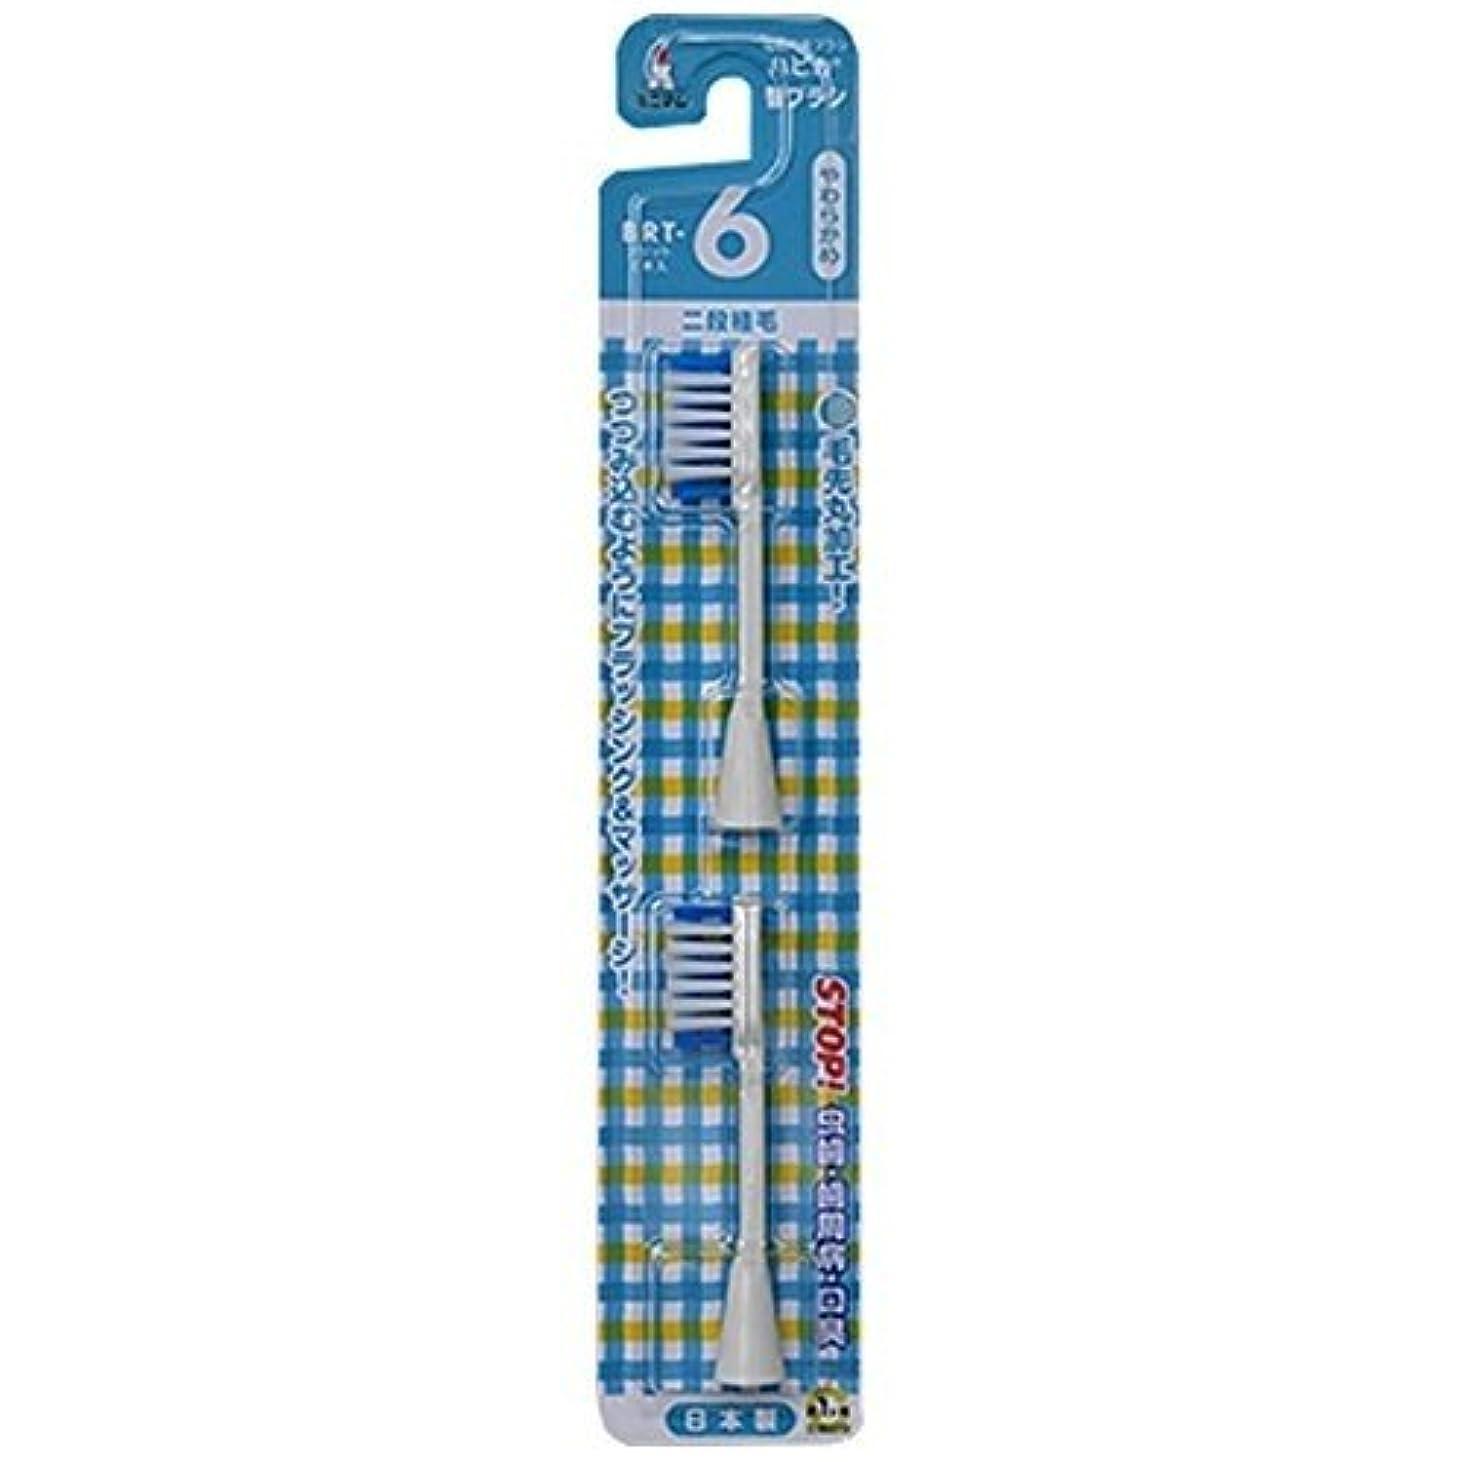 控える服を着るホステルミニマム 電動付歯ブラシ ハピカ 専用替ブラシ 2段植毛 毛の硬さ:やわらかめ BRT-6 2個入